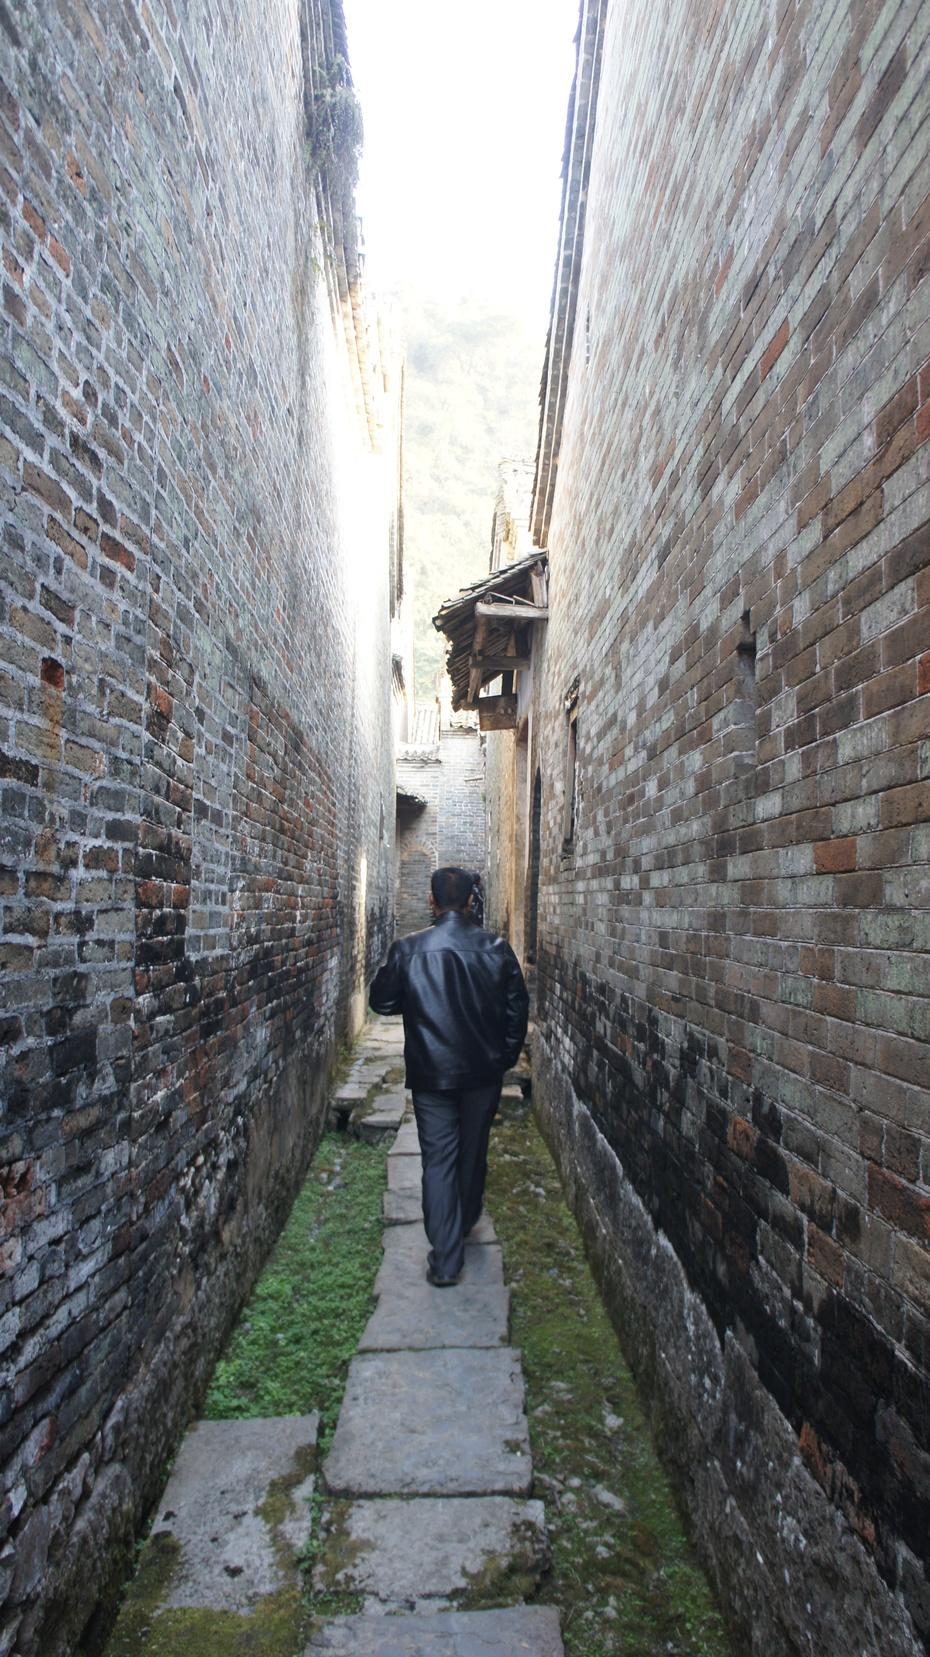 阳朔遇龙河:夕阳无限美 - 余昌国 - 我的博客